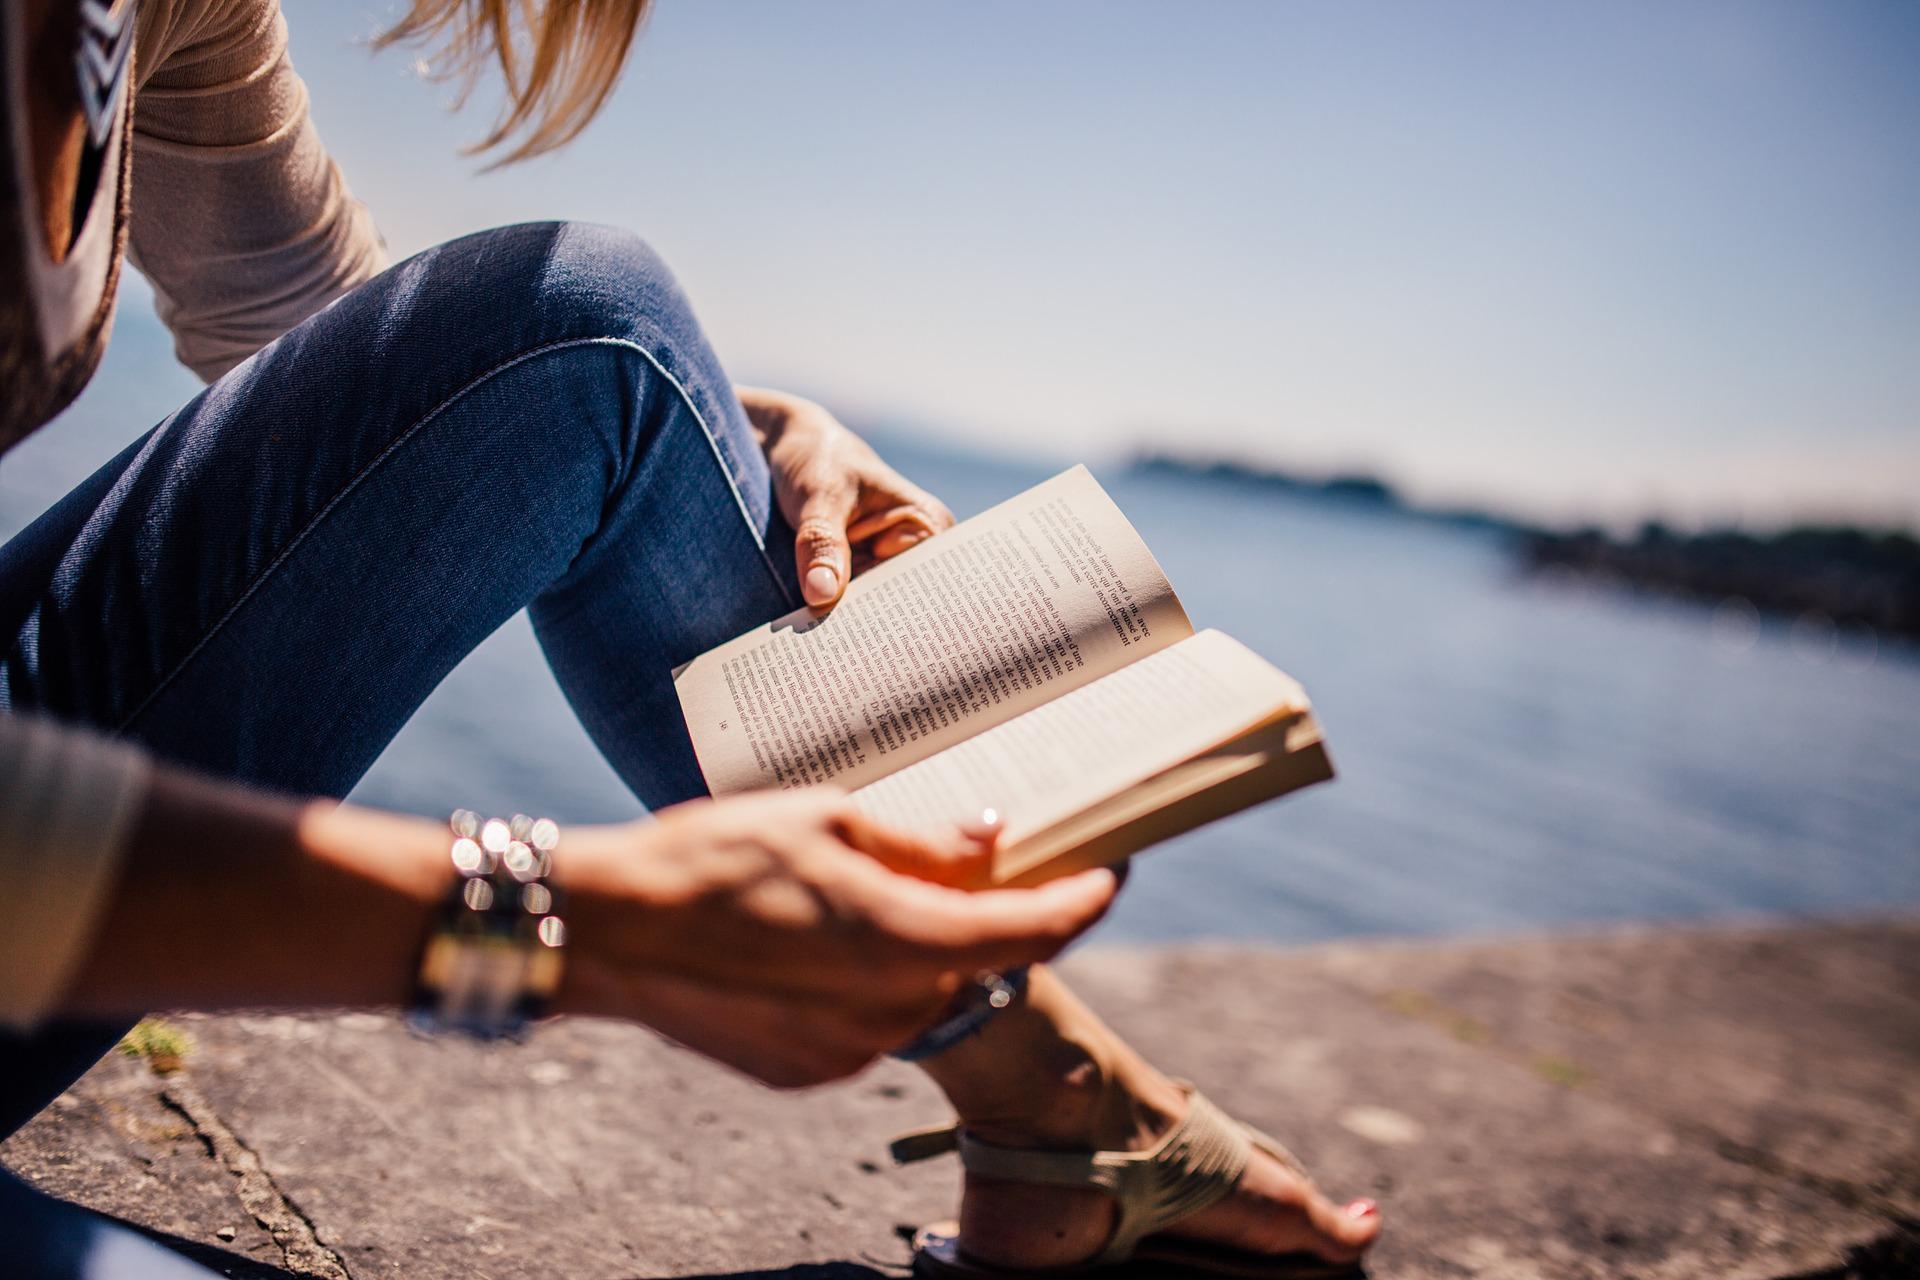 ページをめくらせる力が異次元だった名作小説【海辺のカフカ】